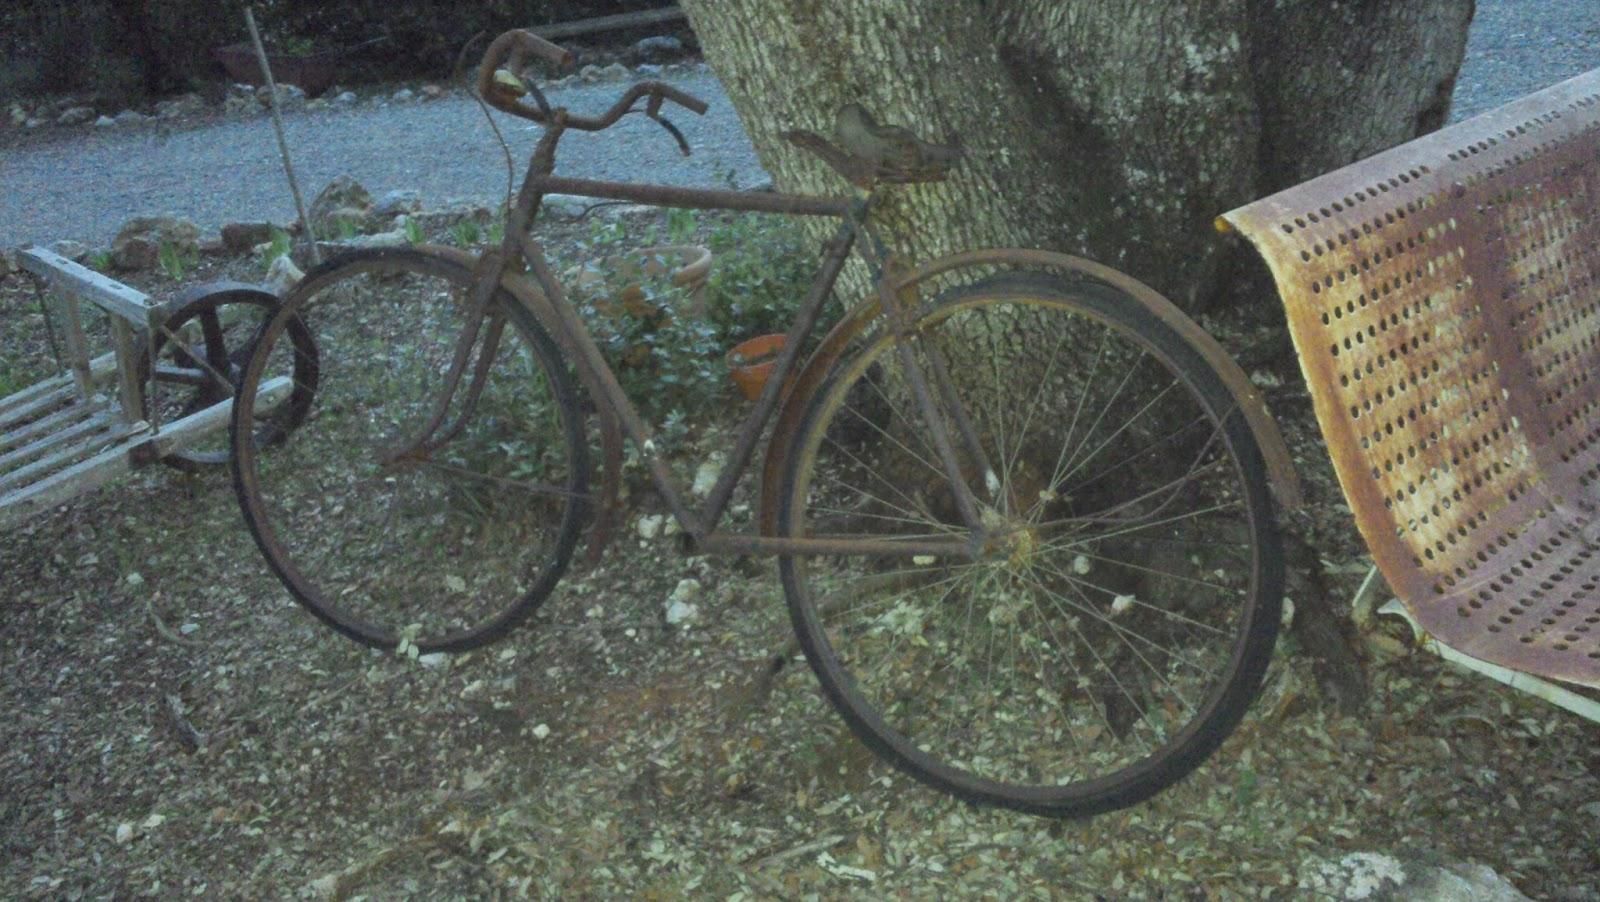 Le Vide Grenier De Didou La Brocante: Ancien Vélo Tout ... encequiconcerne Velo Deco Jardin